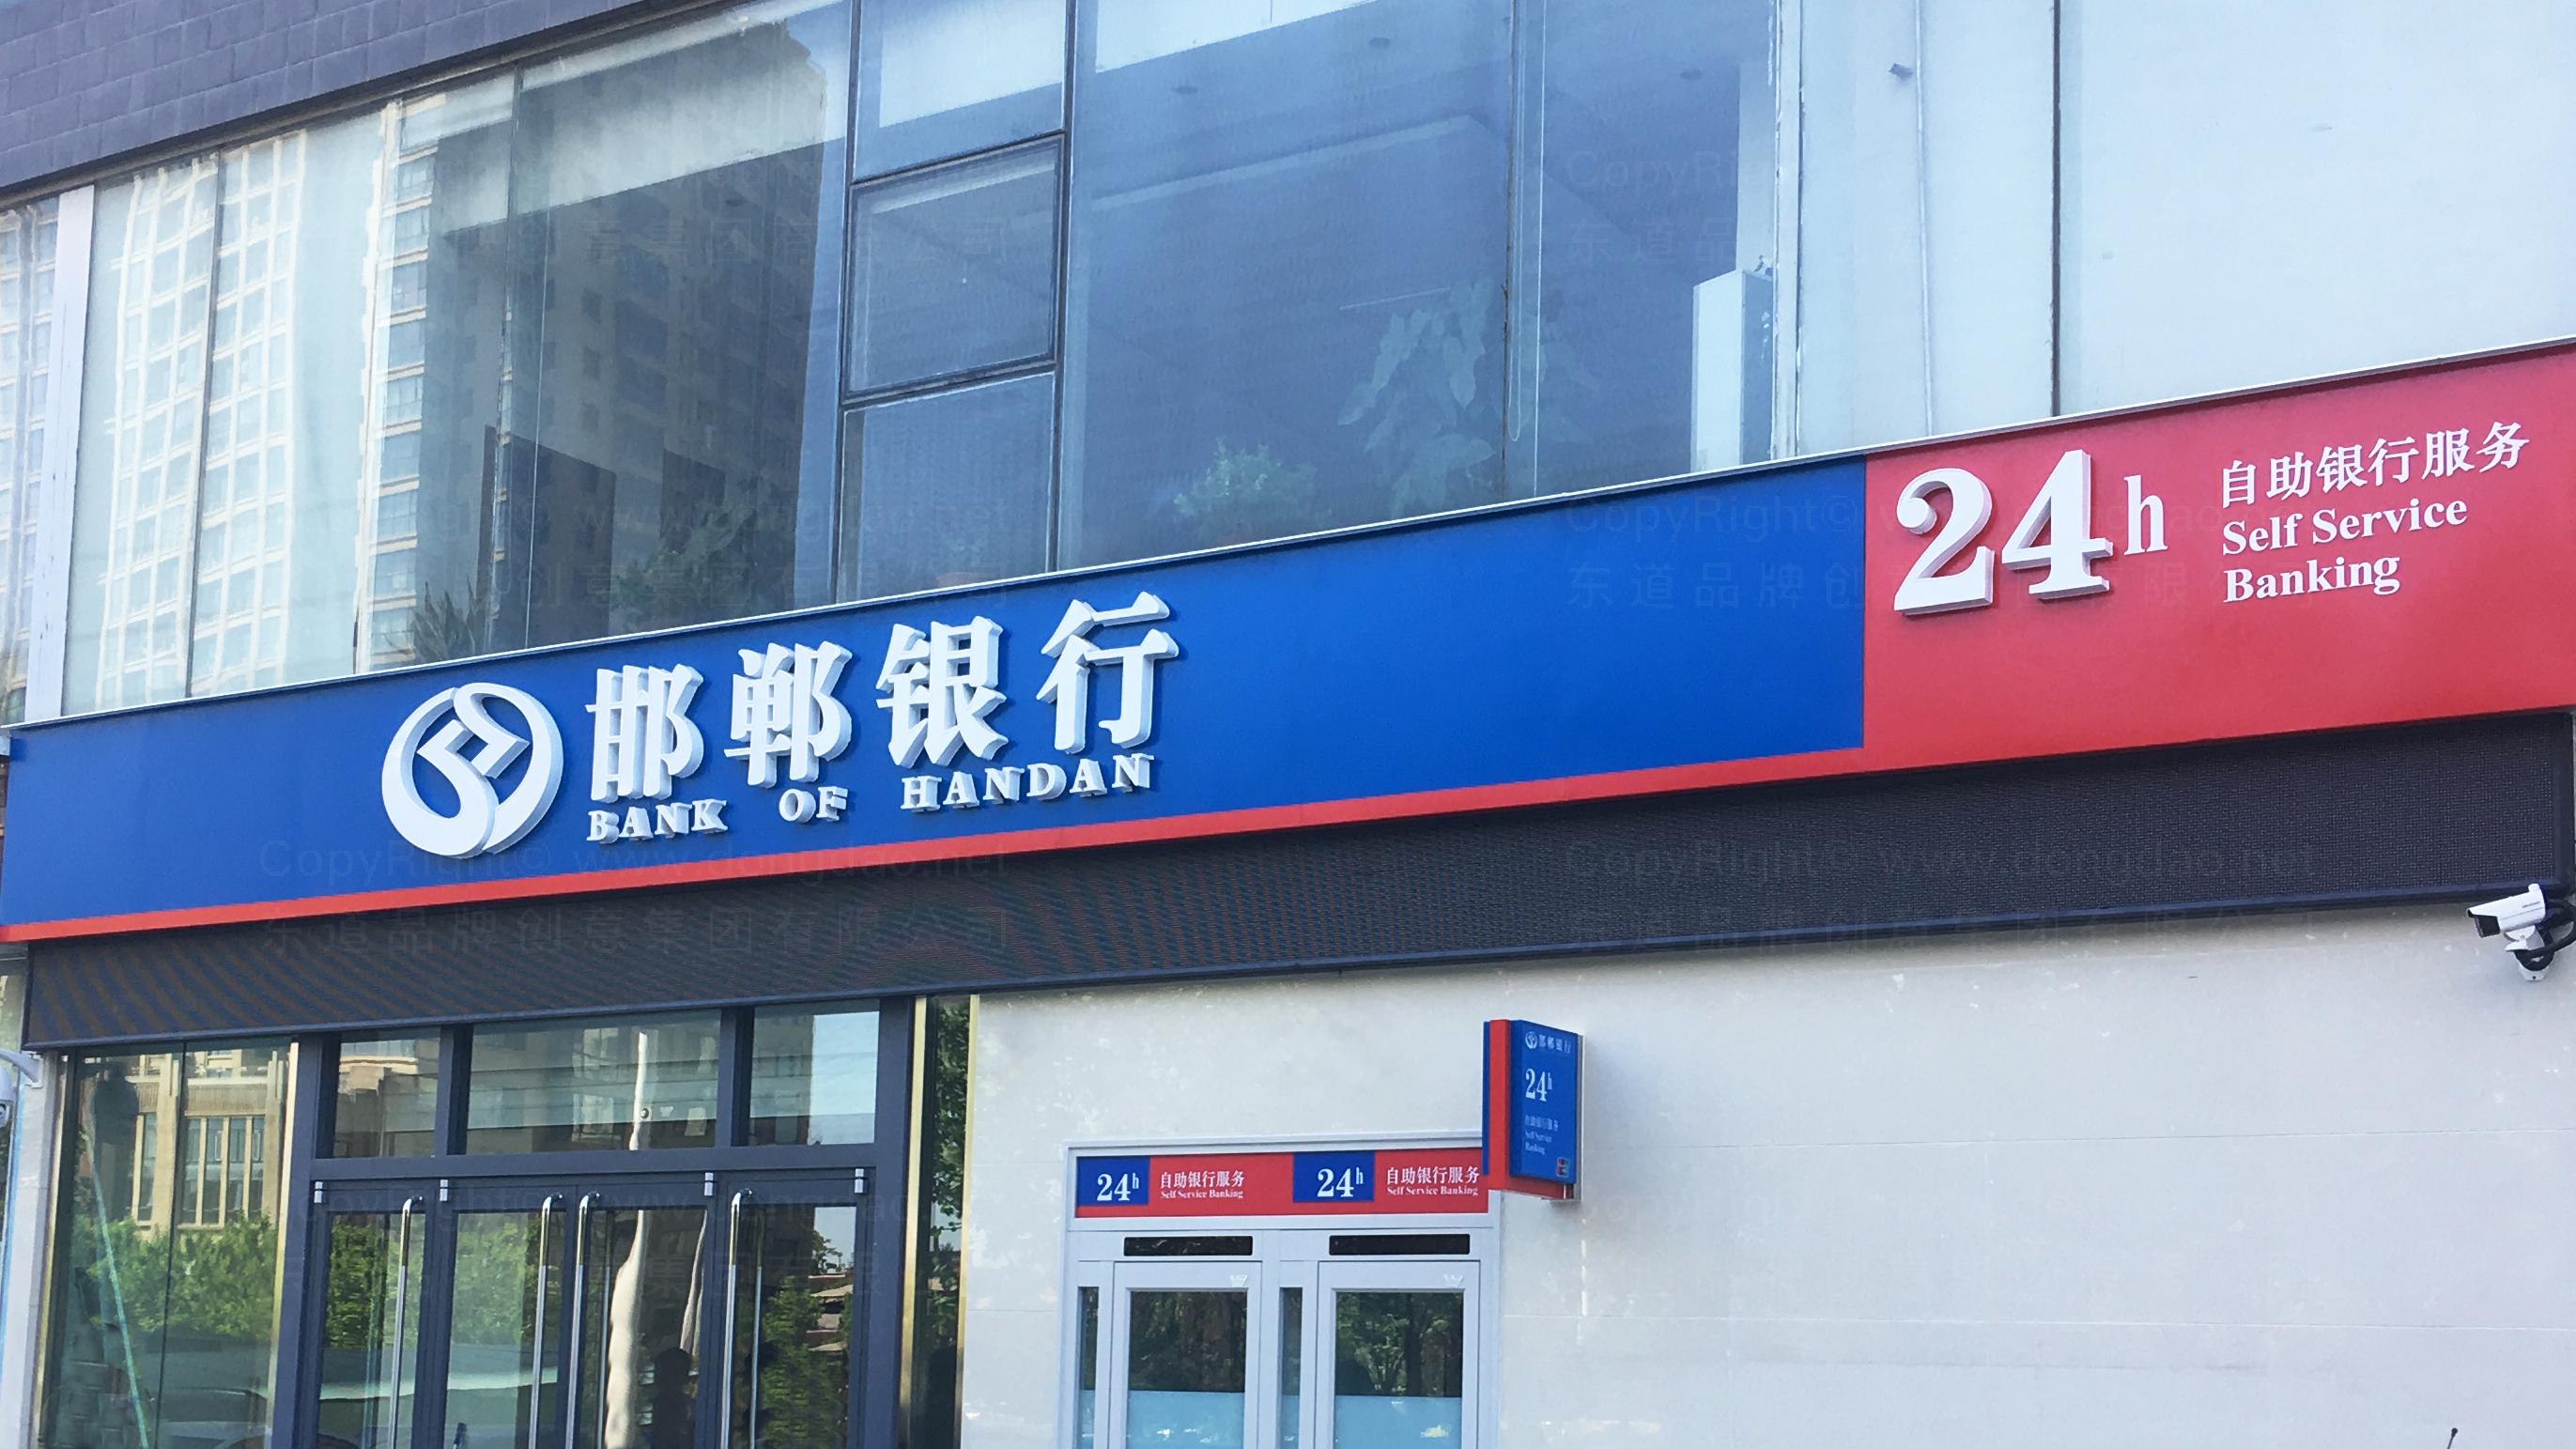 落地工程邯郸银行标识工程应用场景_26